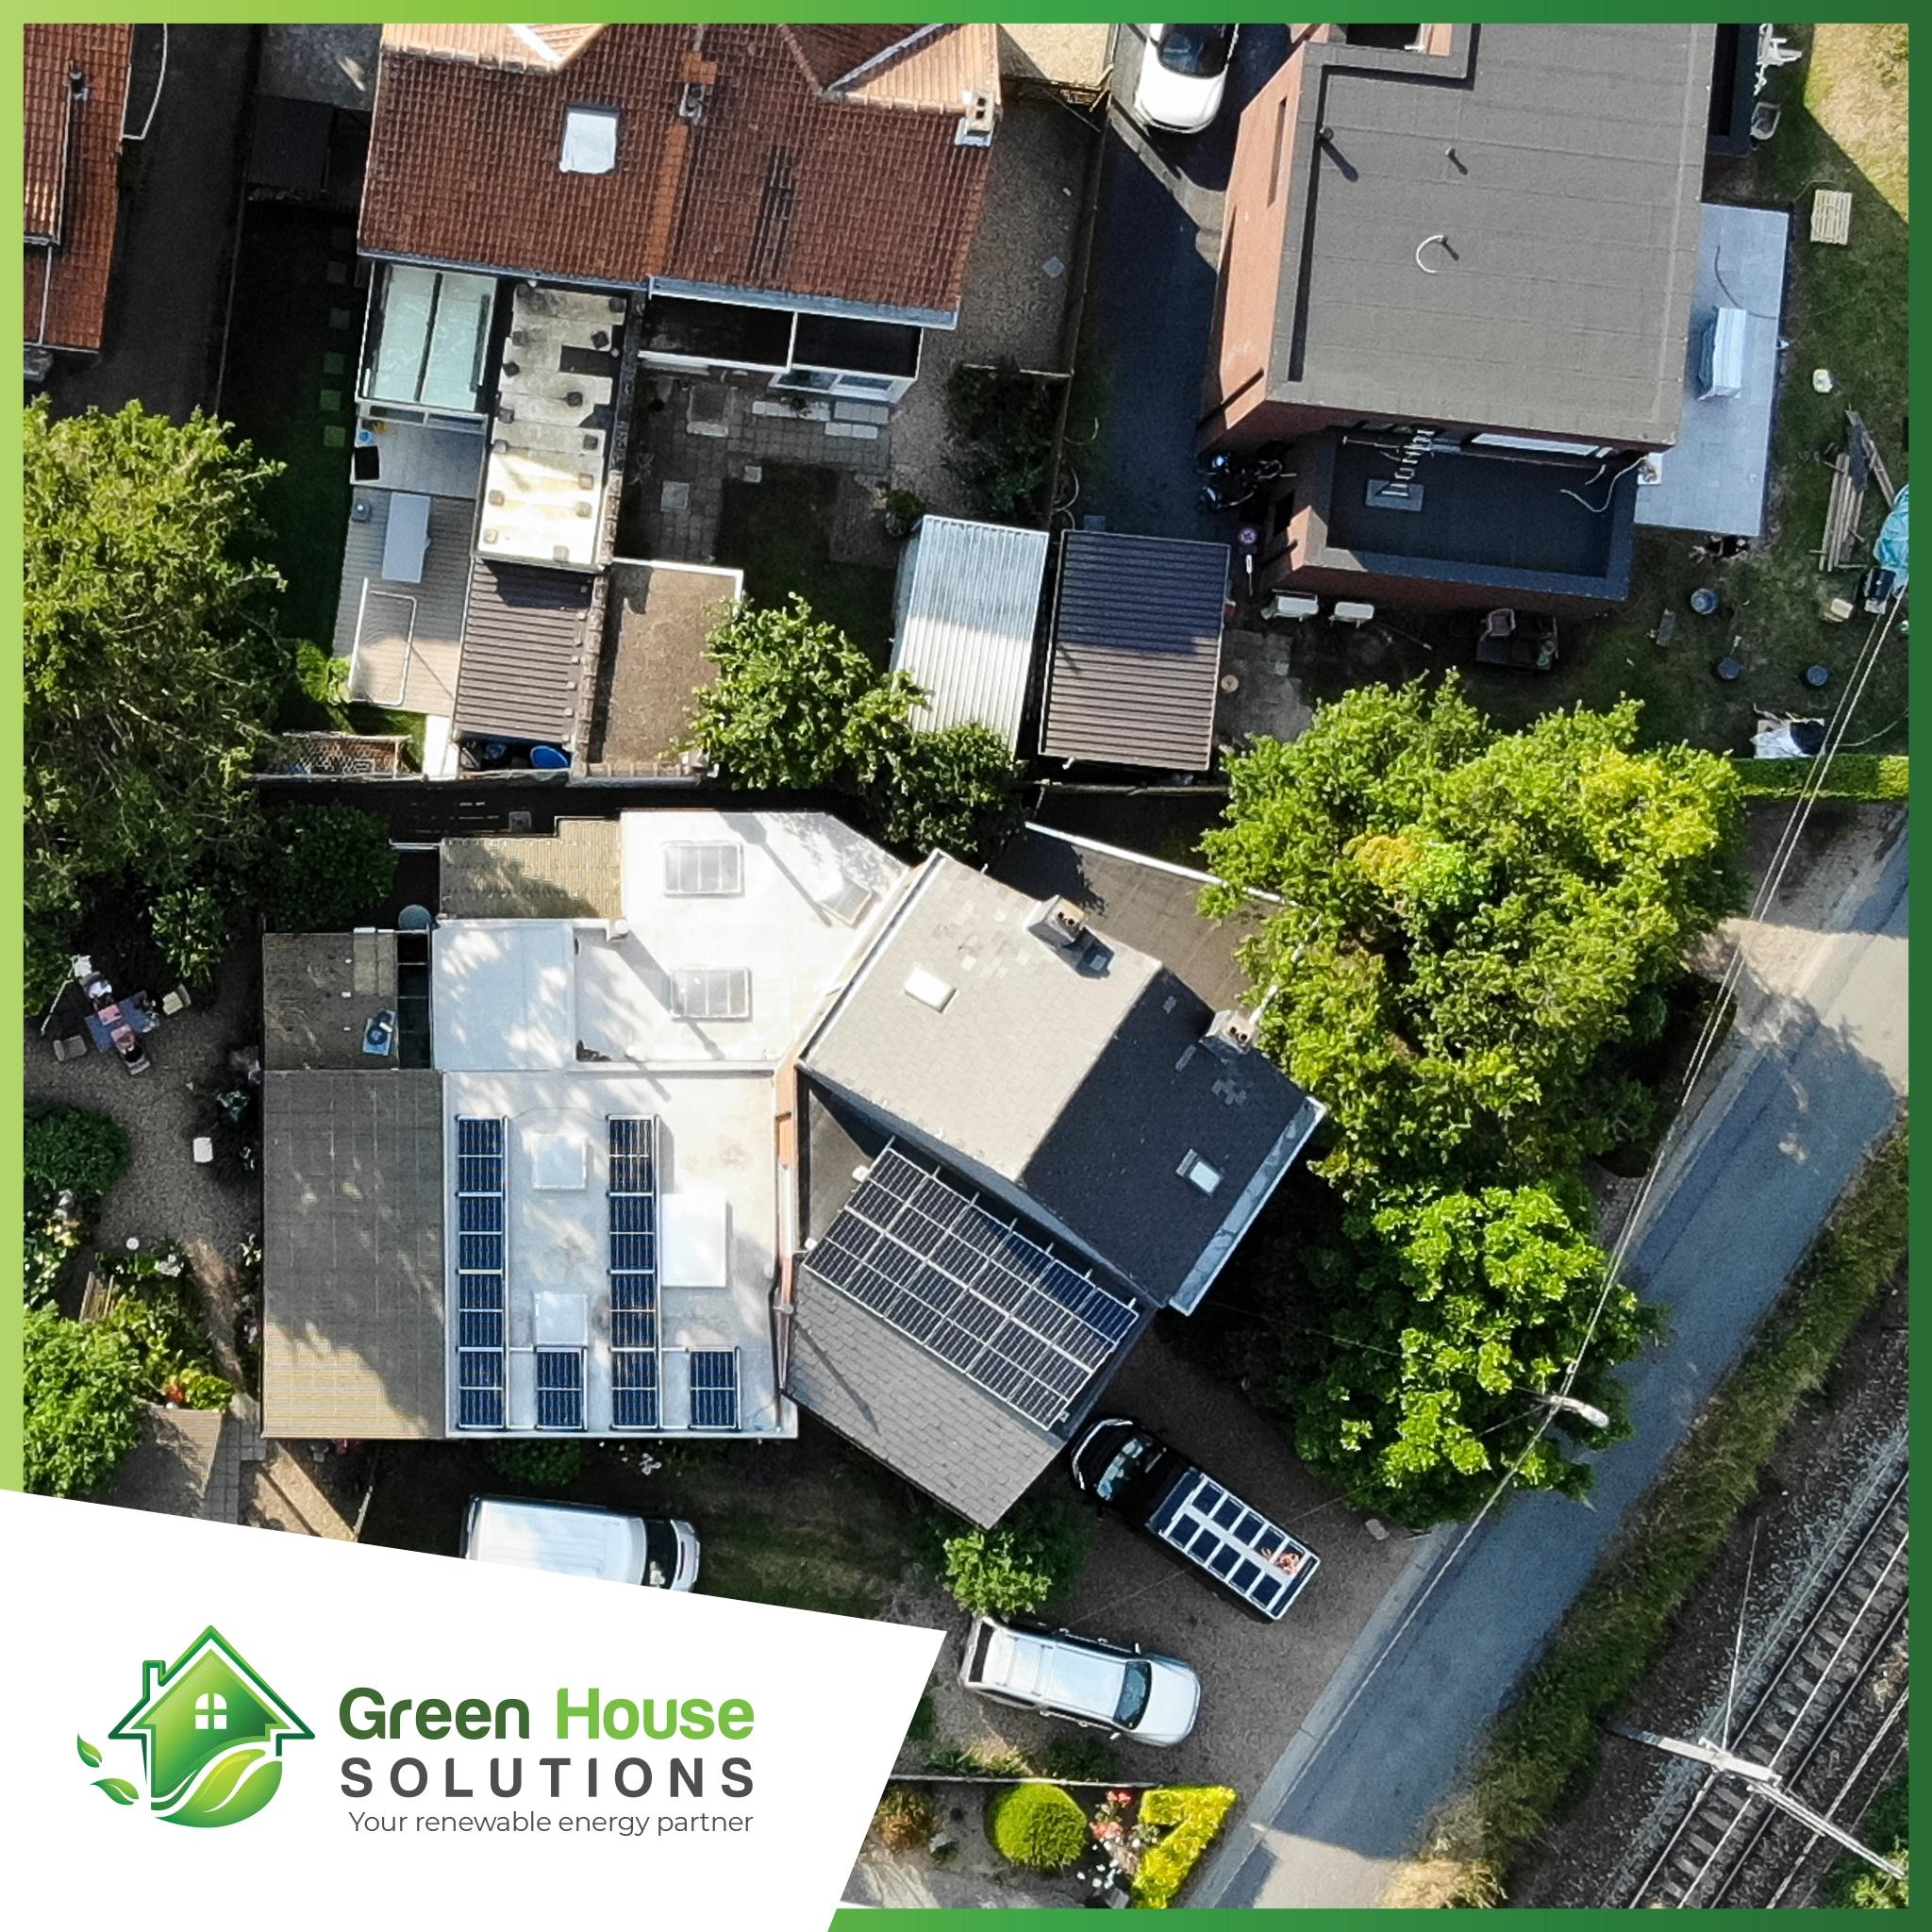 Green House Solutions zonnepanelen plaatsen installeren of kopen 00013